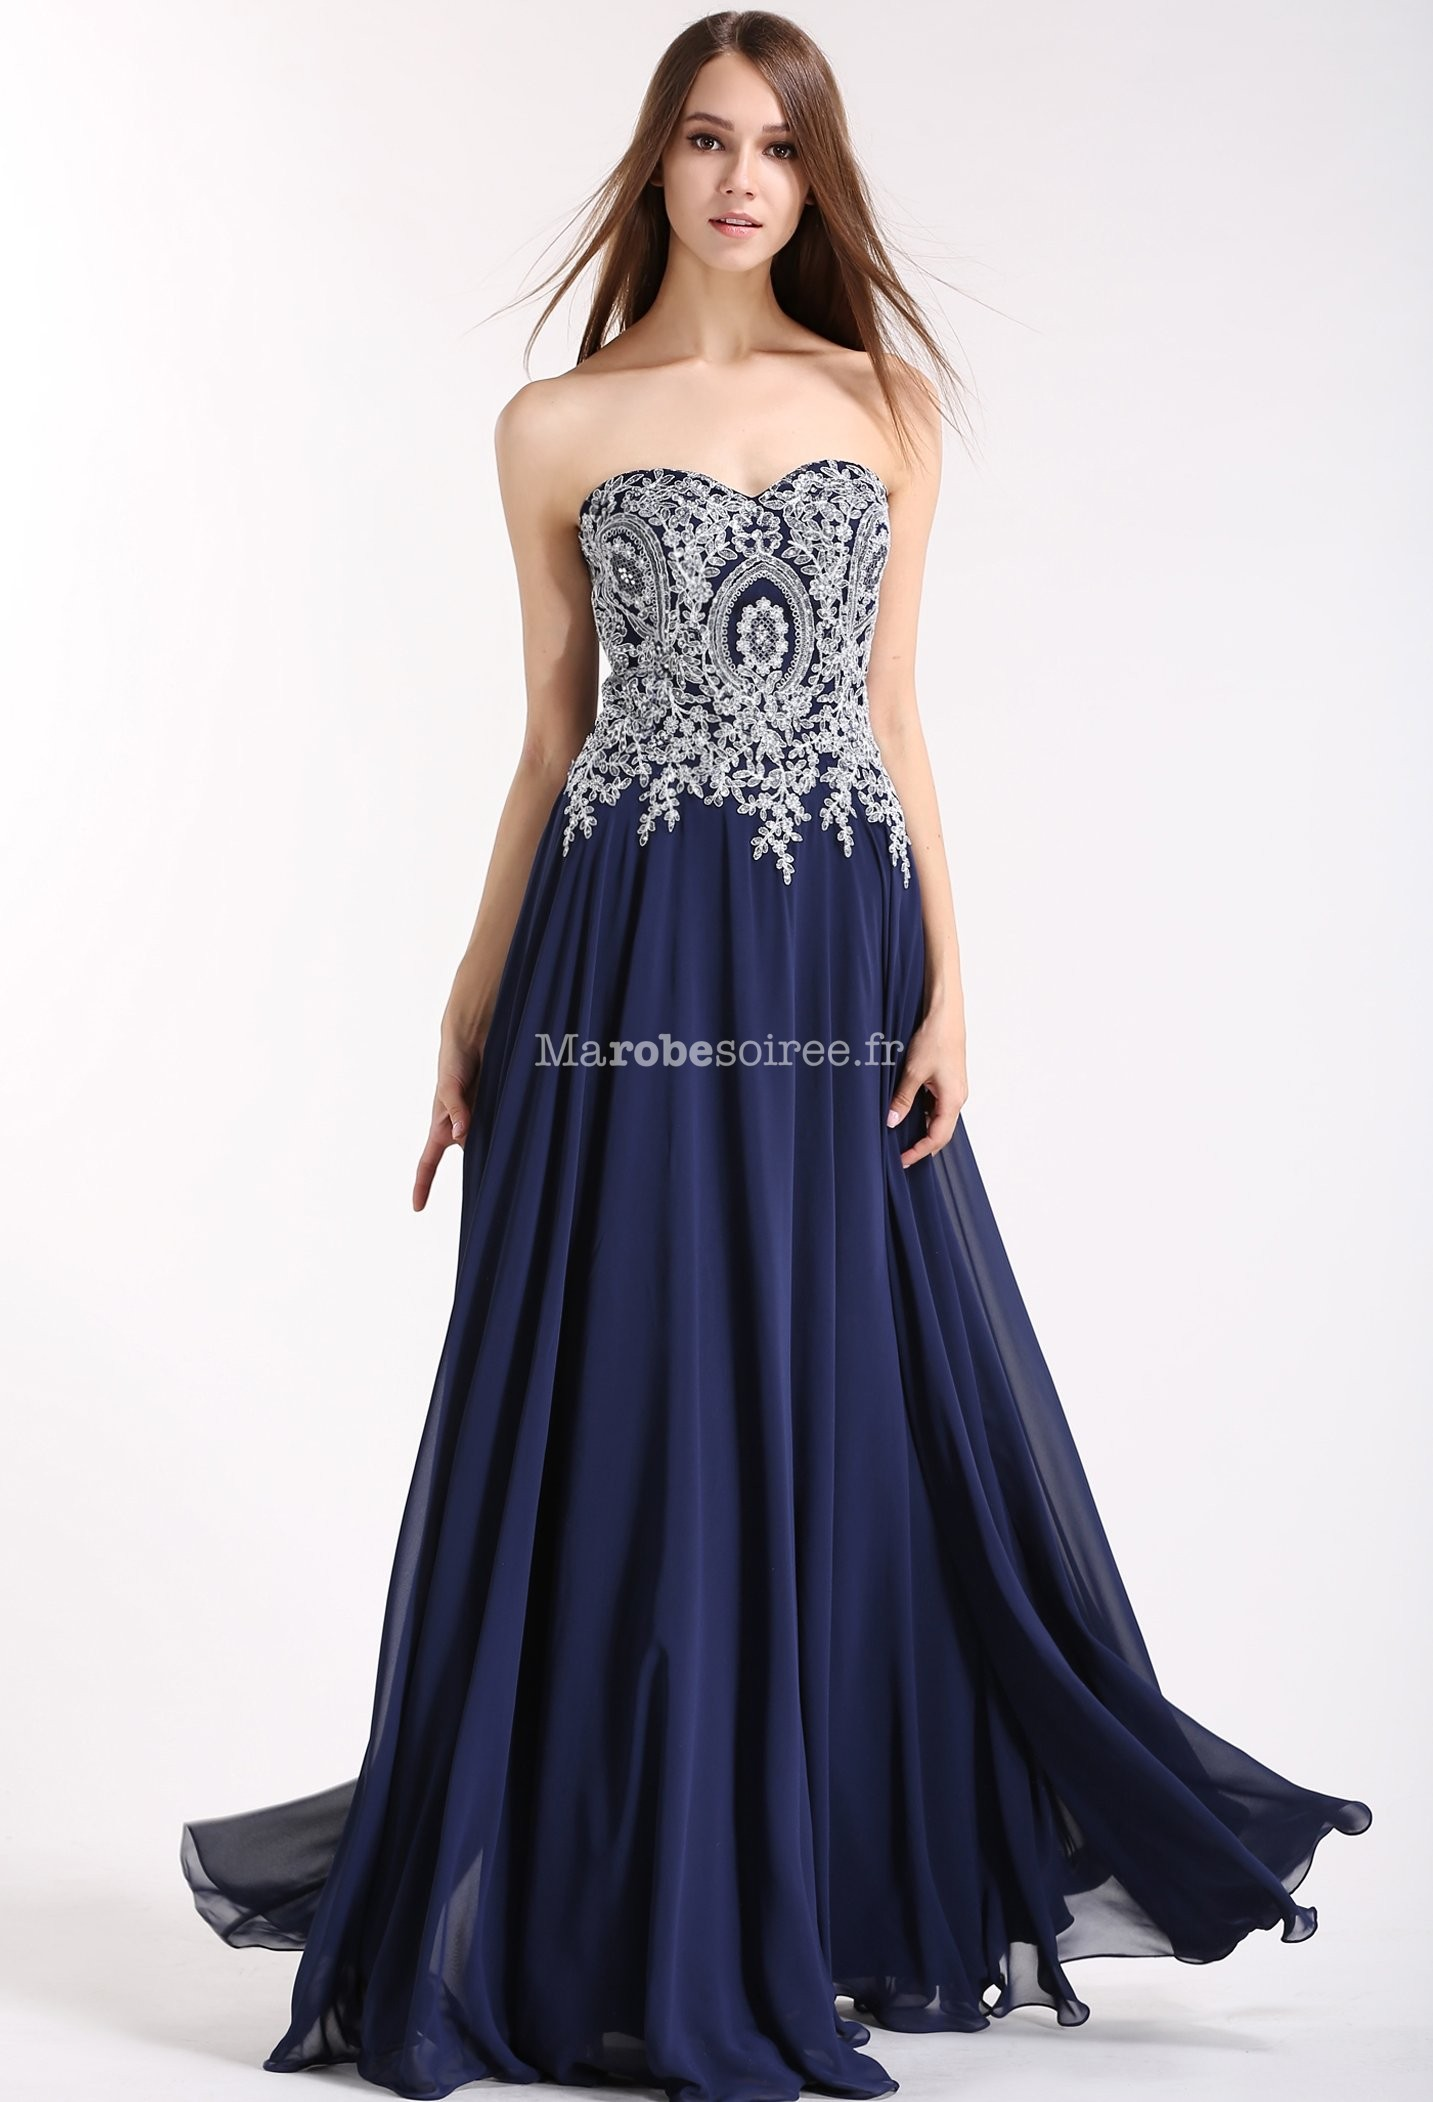 c7a4bee0ddc7 ... Robe de cérémonie glamour  Robe de bal bleu nuit  Rouge  Robe de soirée  longue bustier ...